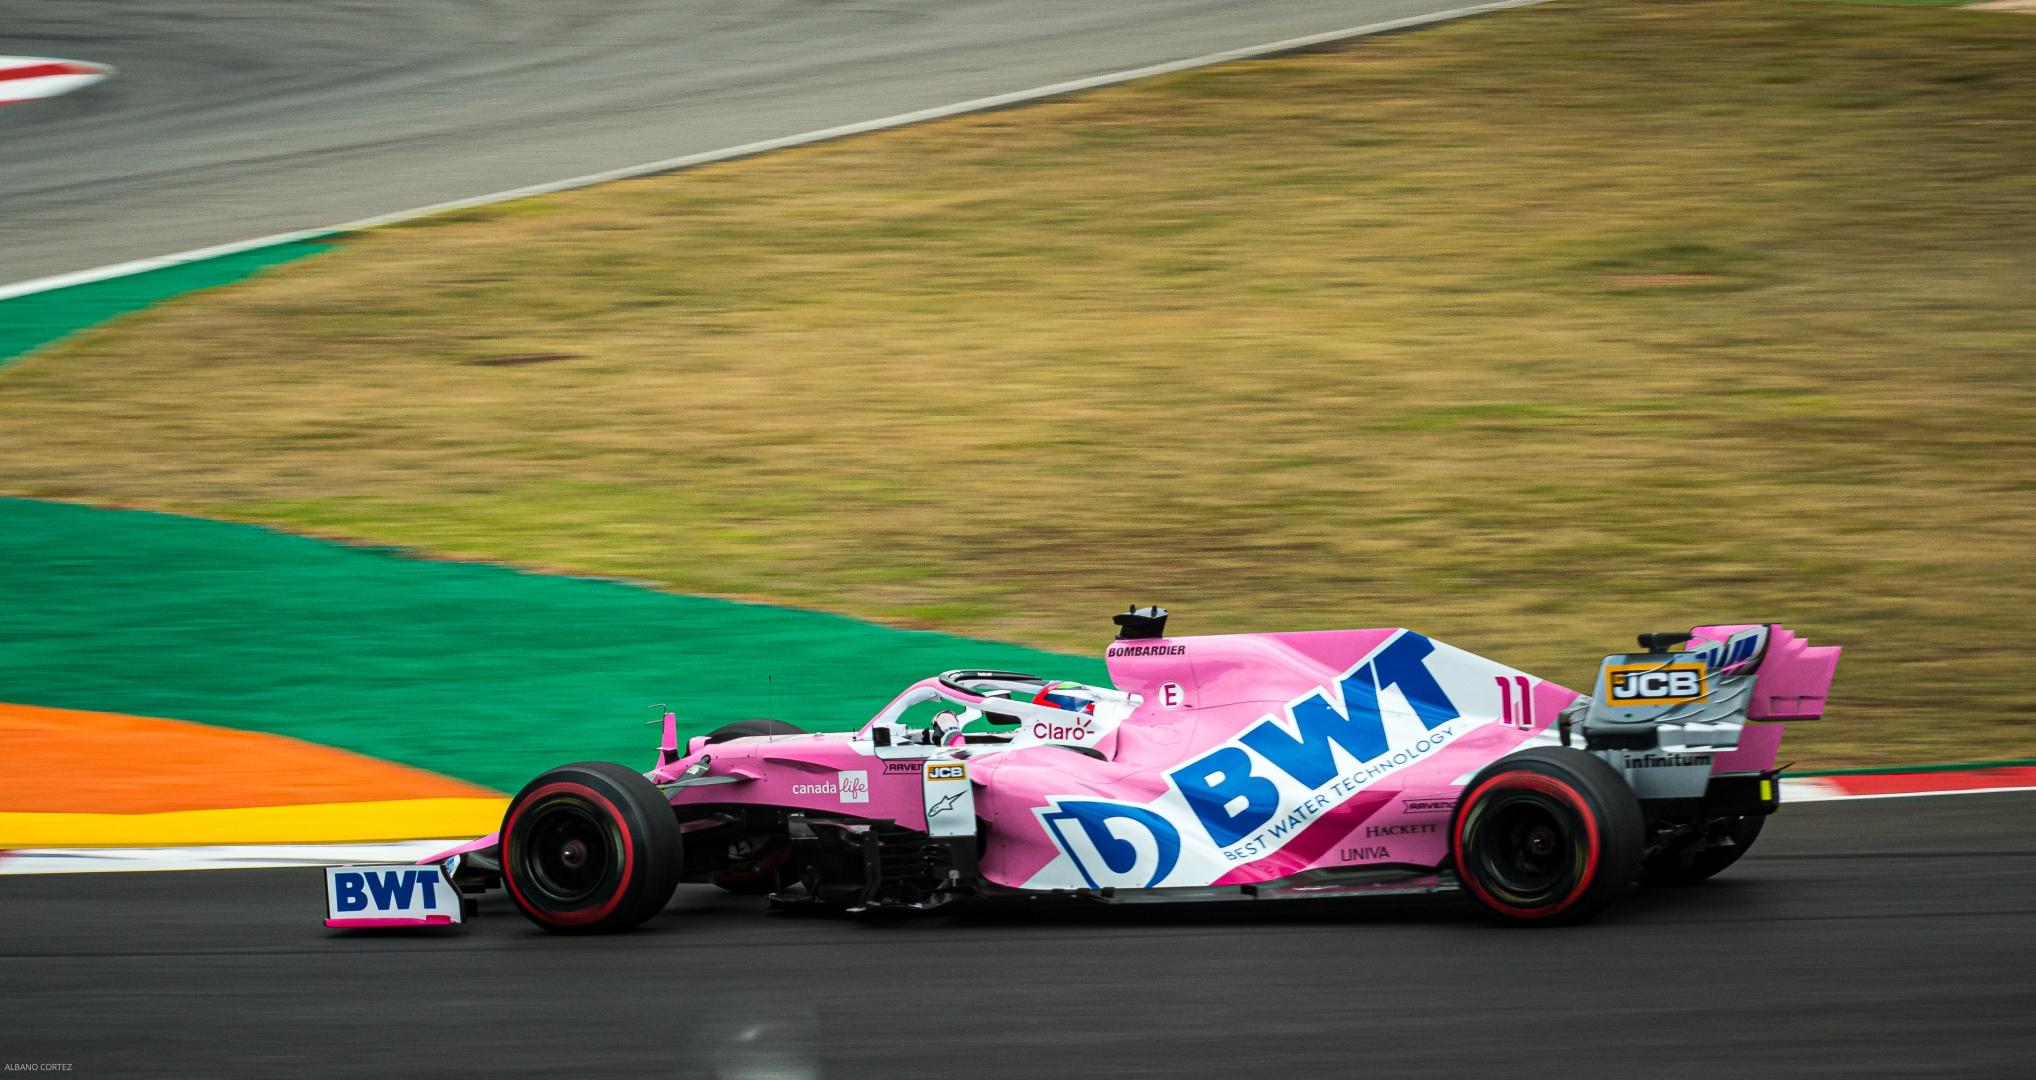 Desporto e Ação/ Sergio Pérez - F1 Driver   Racing Point F1 Team